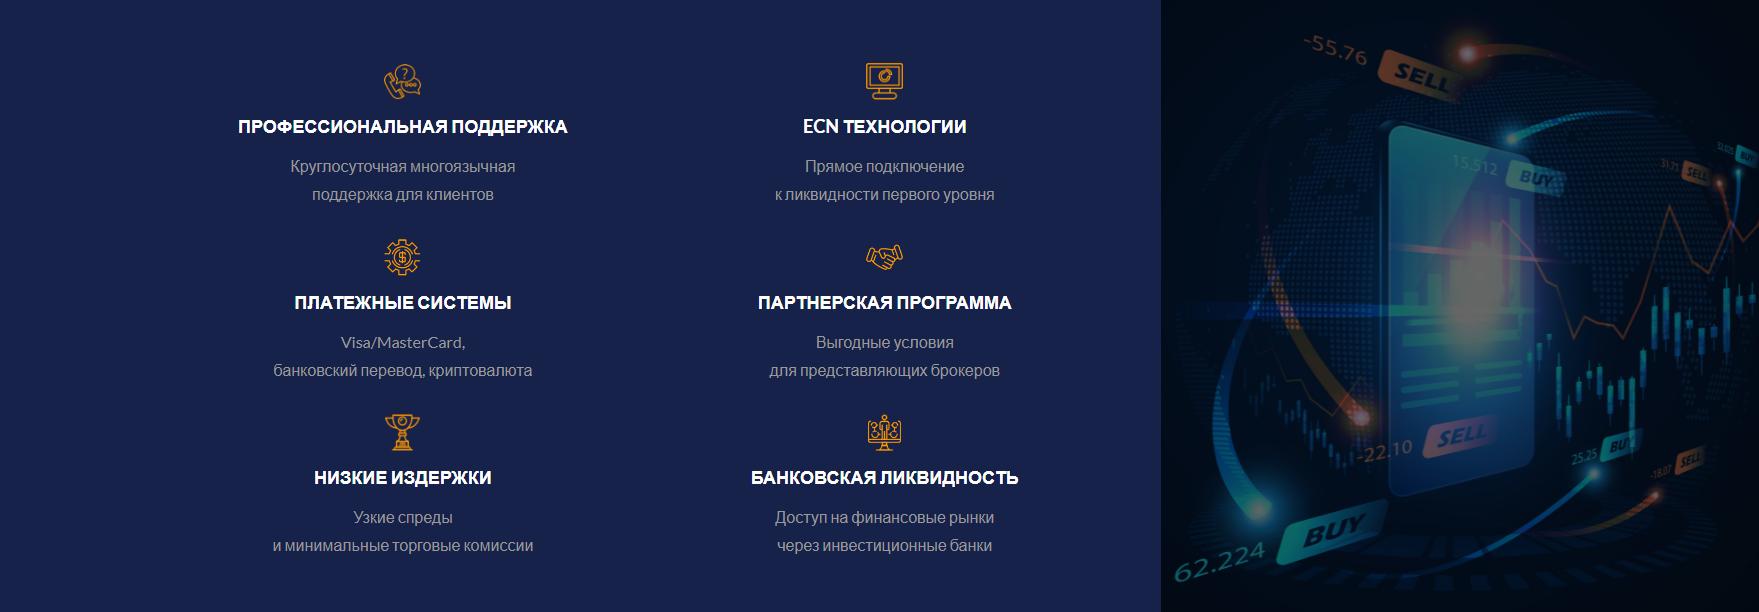 Официальный сайт ReachOut